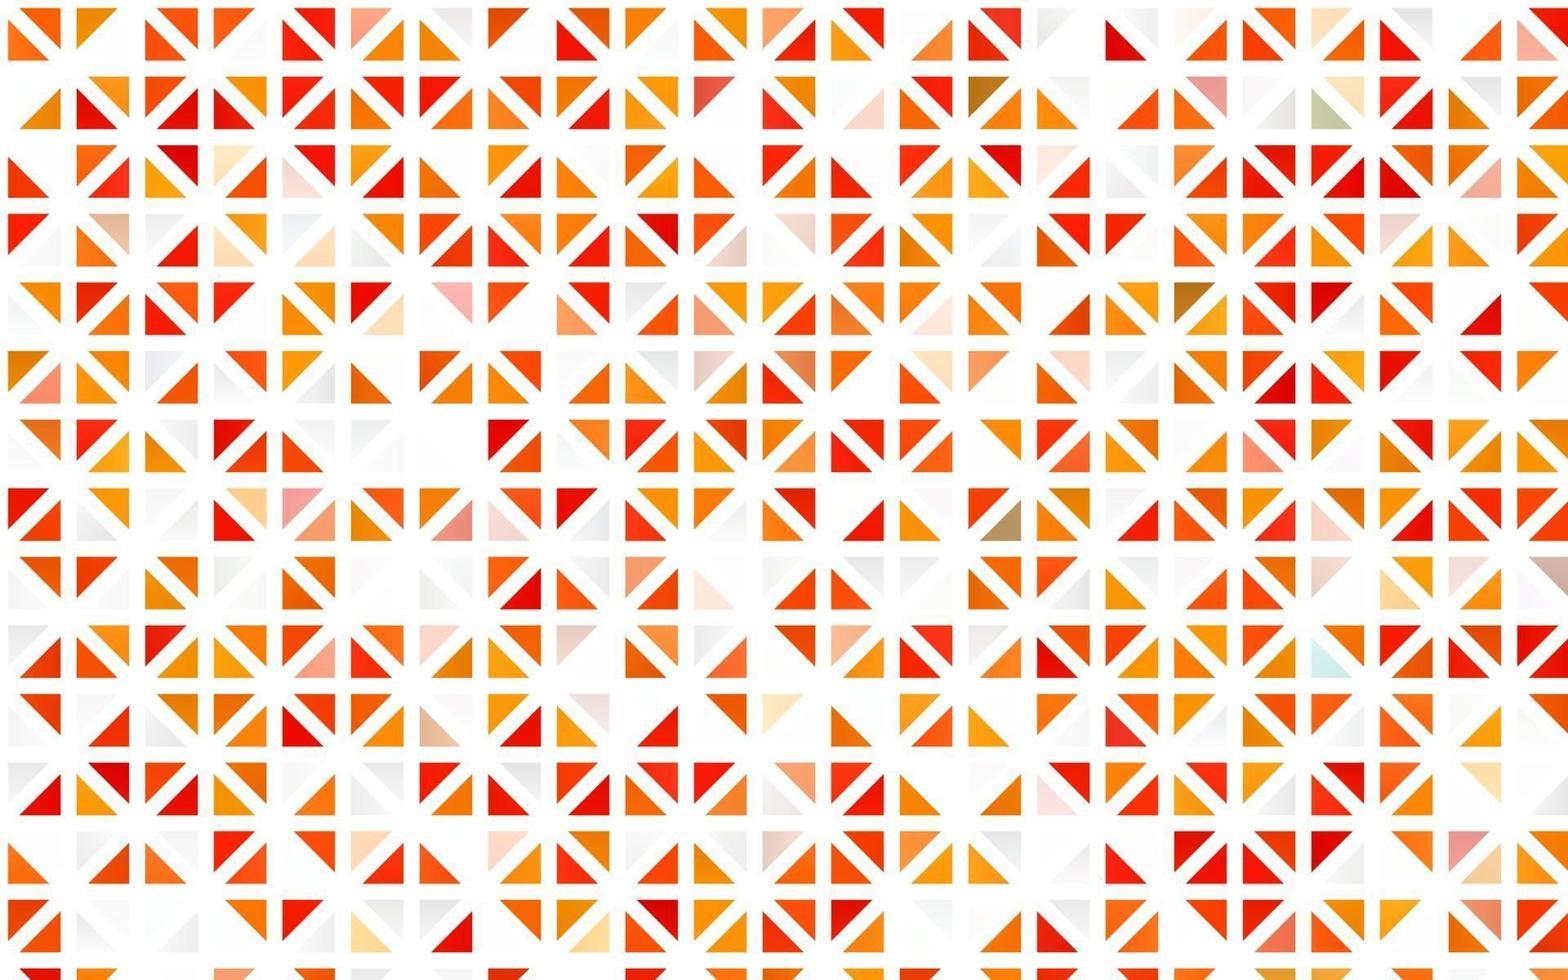 pano de fundo sem emenda do vetor laranja claro com linhas, triângulos.